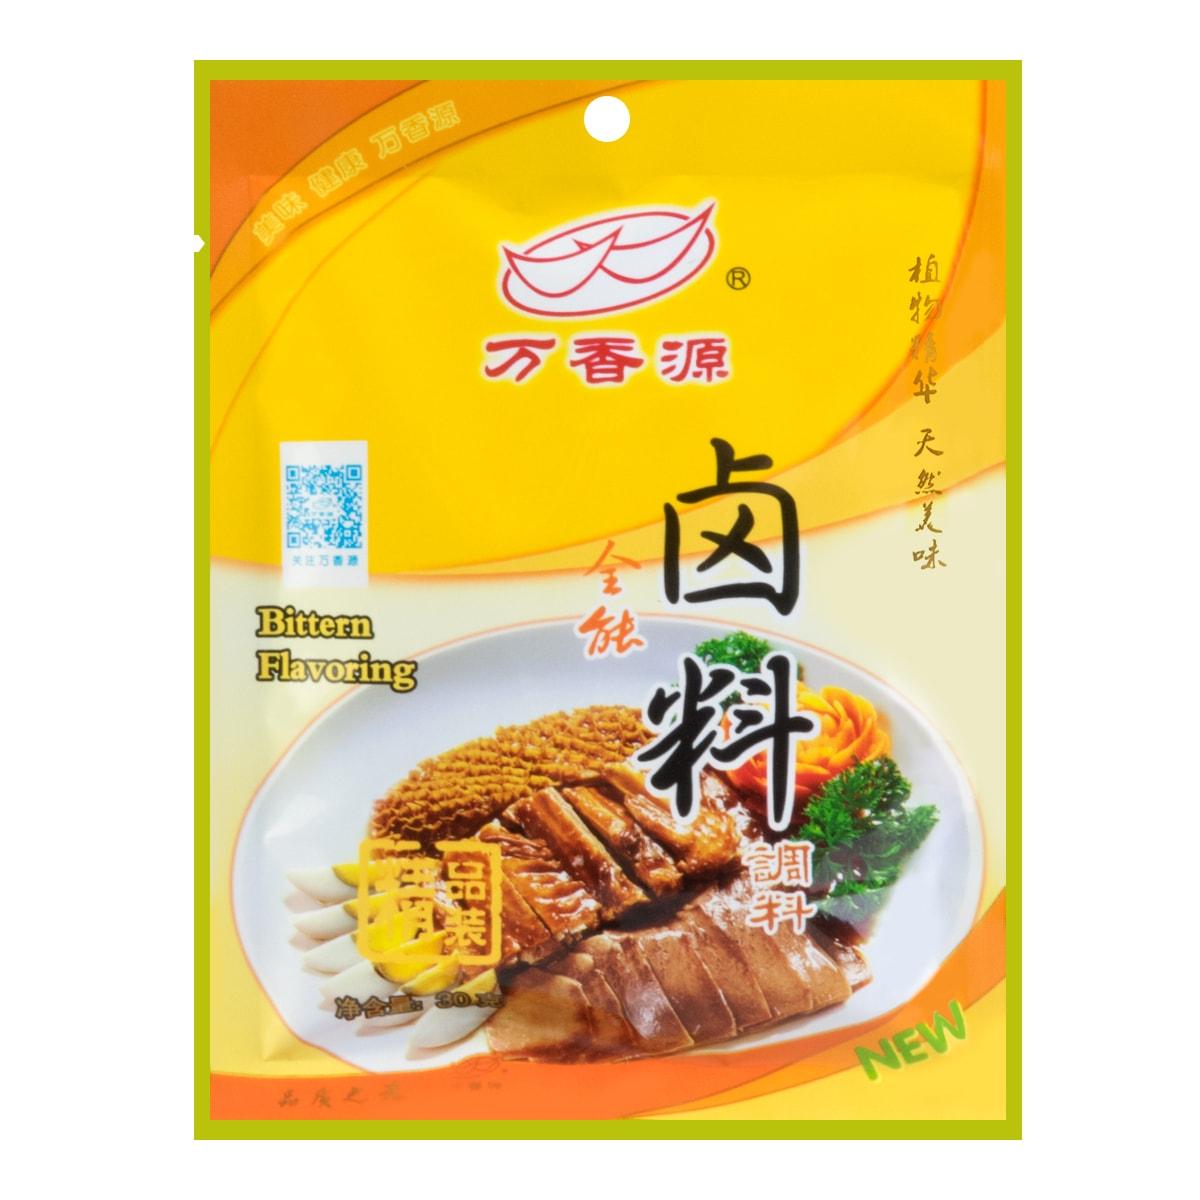 万香源 中华传统植物精华全能调料 卤料 30g